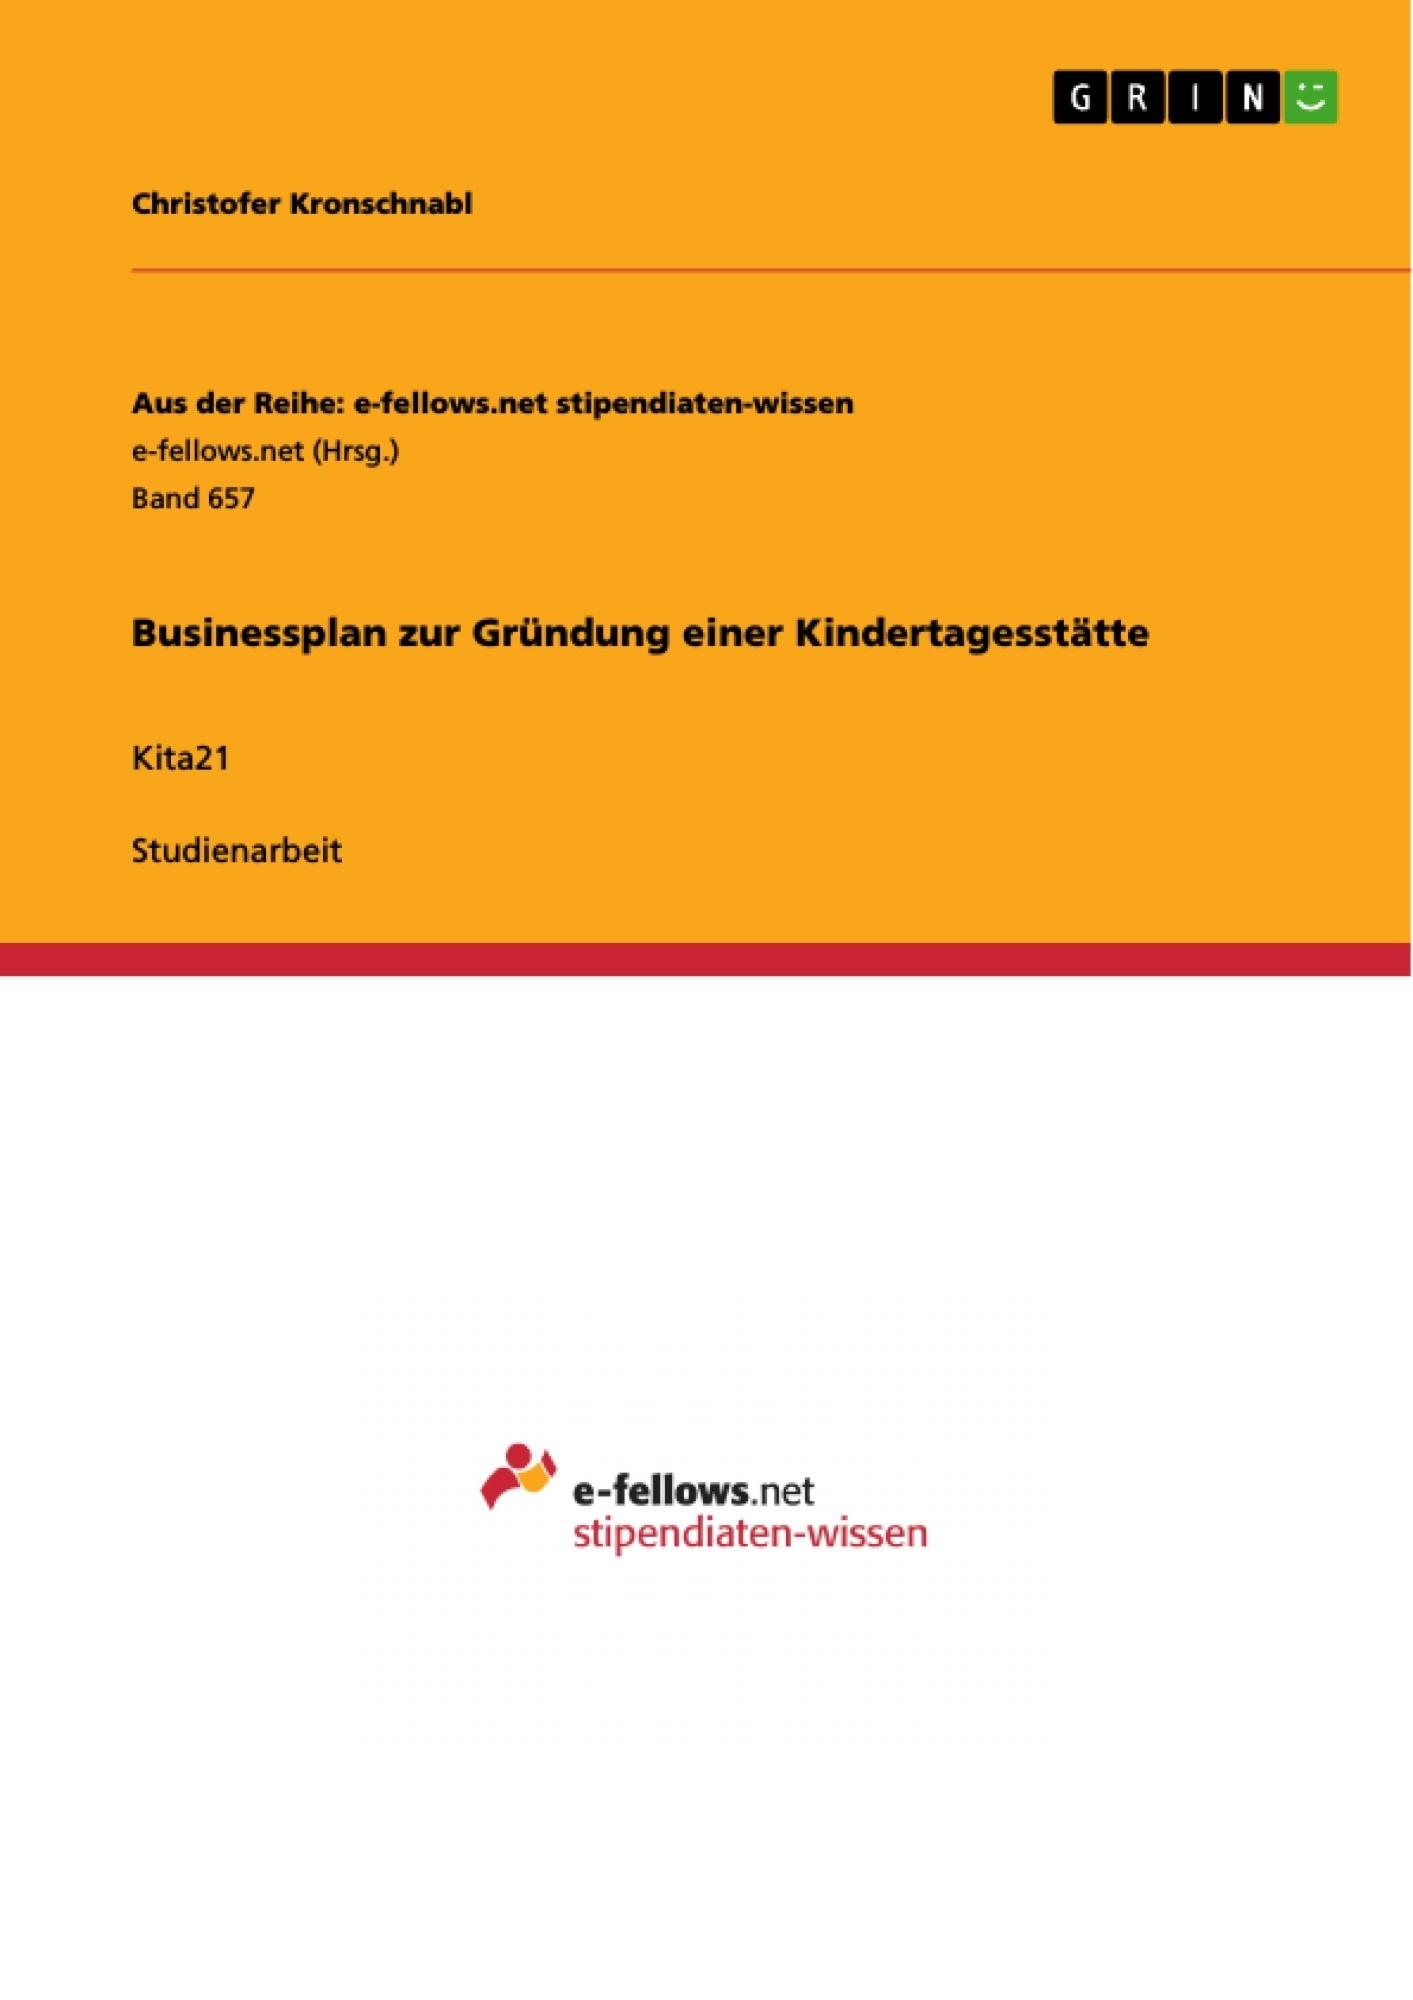 Titel: Businessplan zur Gründung einer Kindertagesstätte